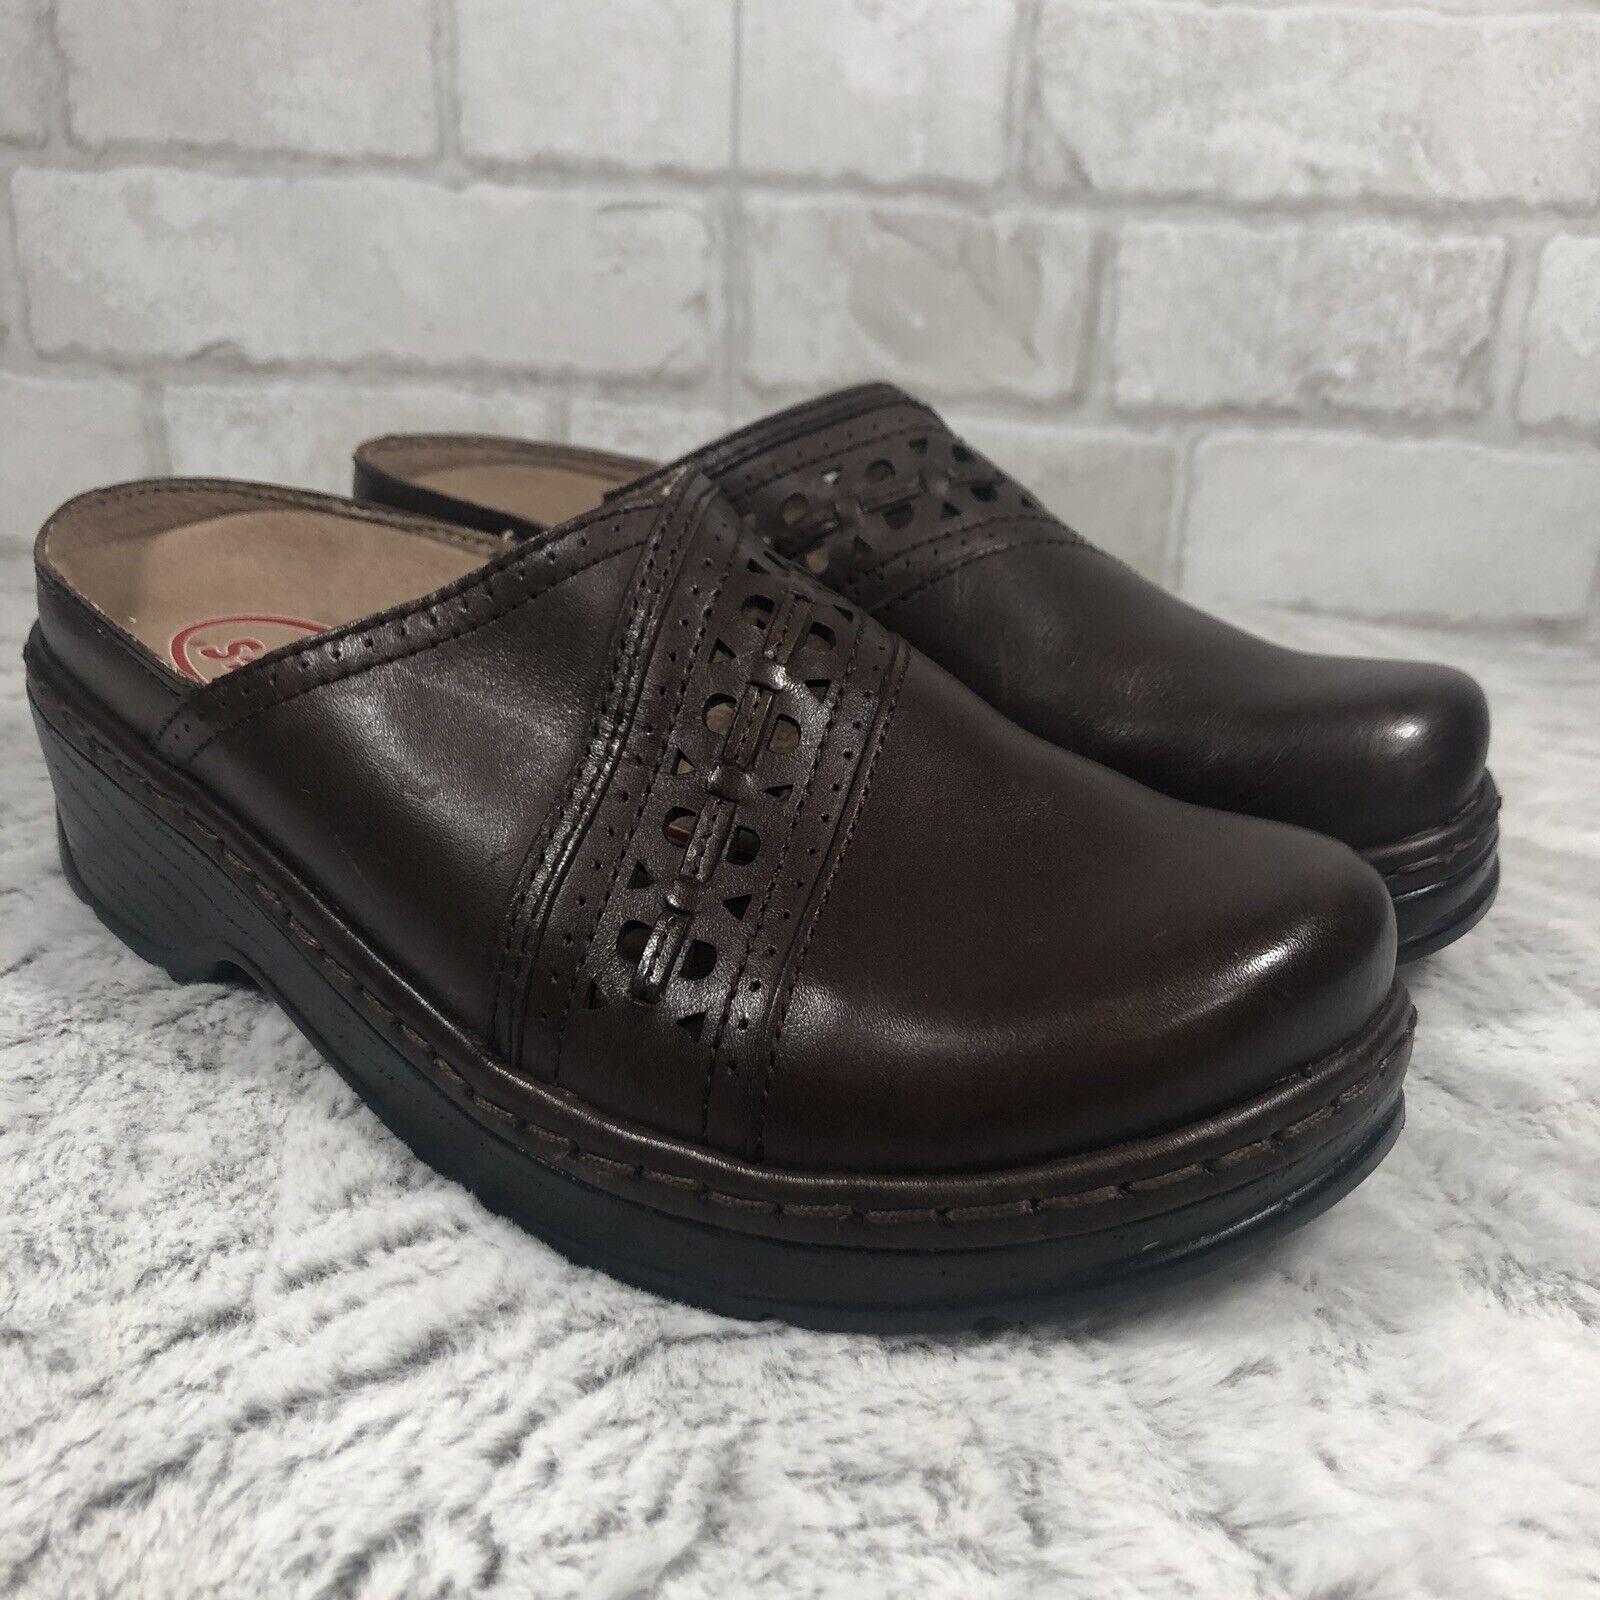 NWOT B Klogs BROWN Perforated Leather Slip Resistant Mules Men's Men's Men's 9 Women's 7 79f870